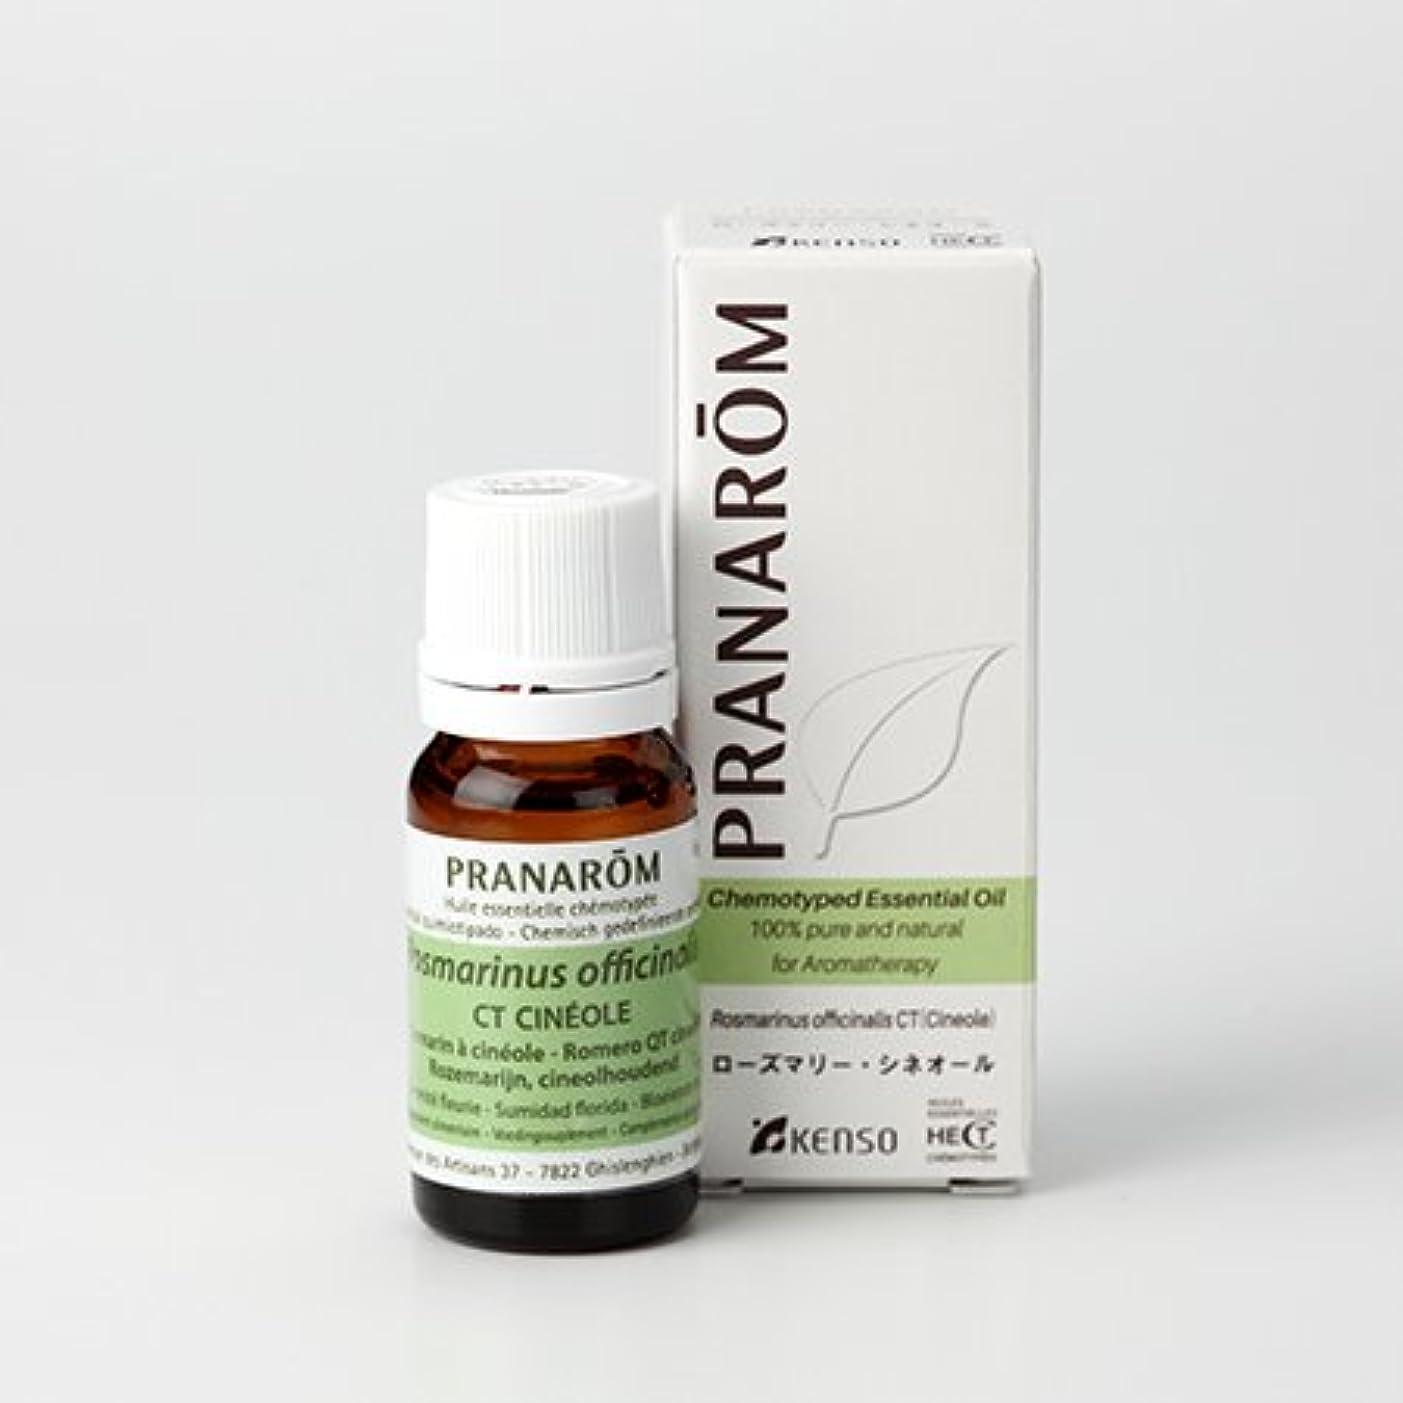 米ドルネットキルスプラナロム ( PRANAROM ) 精油 ローズマリー?シネオール 10ml p-160 ローズマリーシネオール